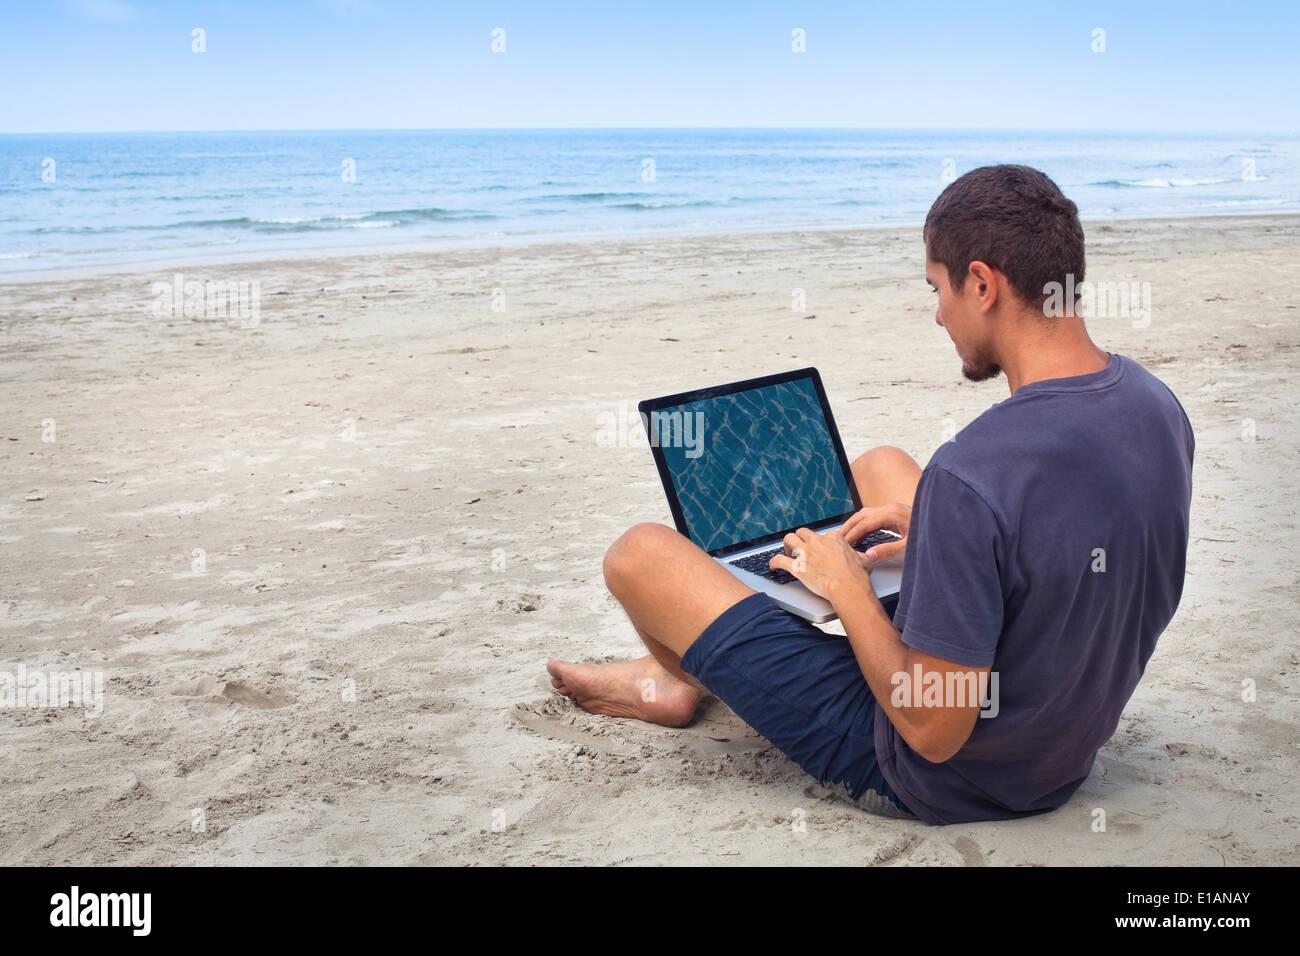 L'homme à l'aide d'ordinateur avec internet sans fil sur la plage Photo Stock